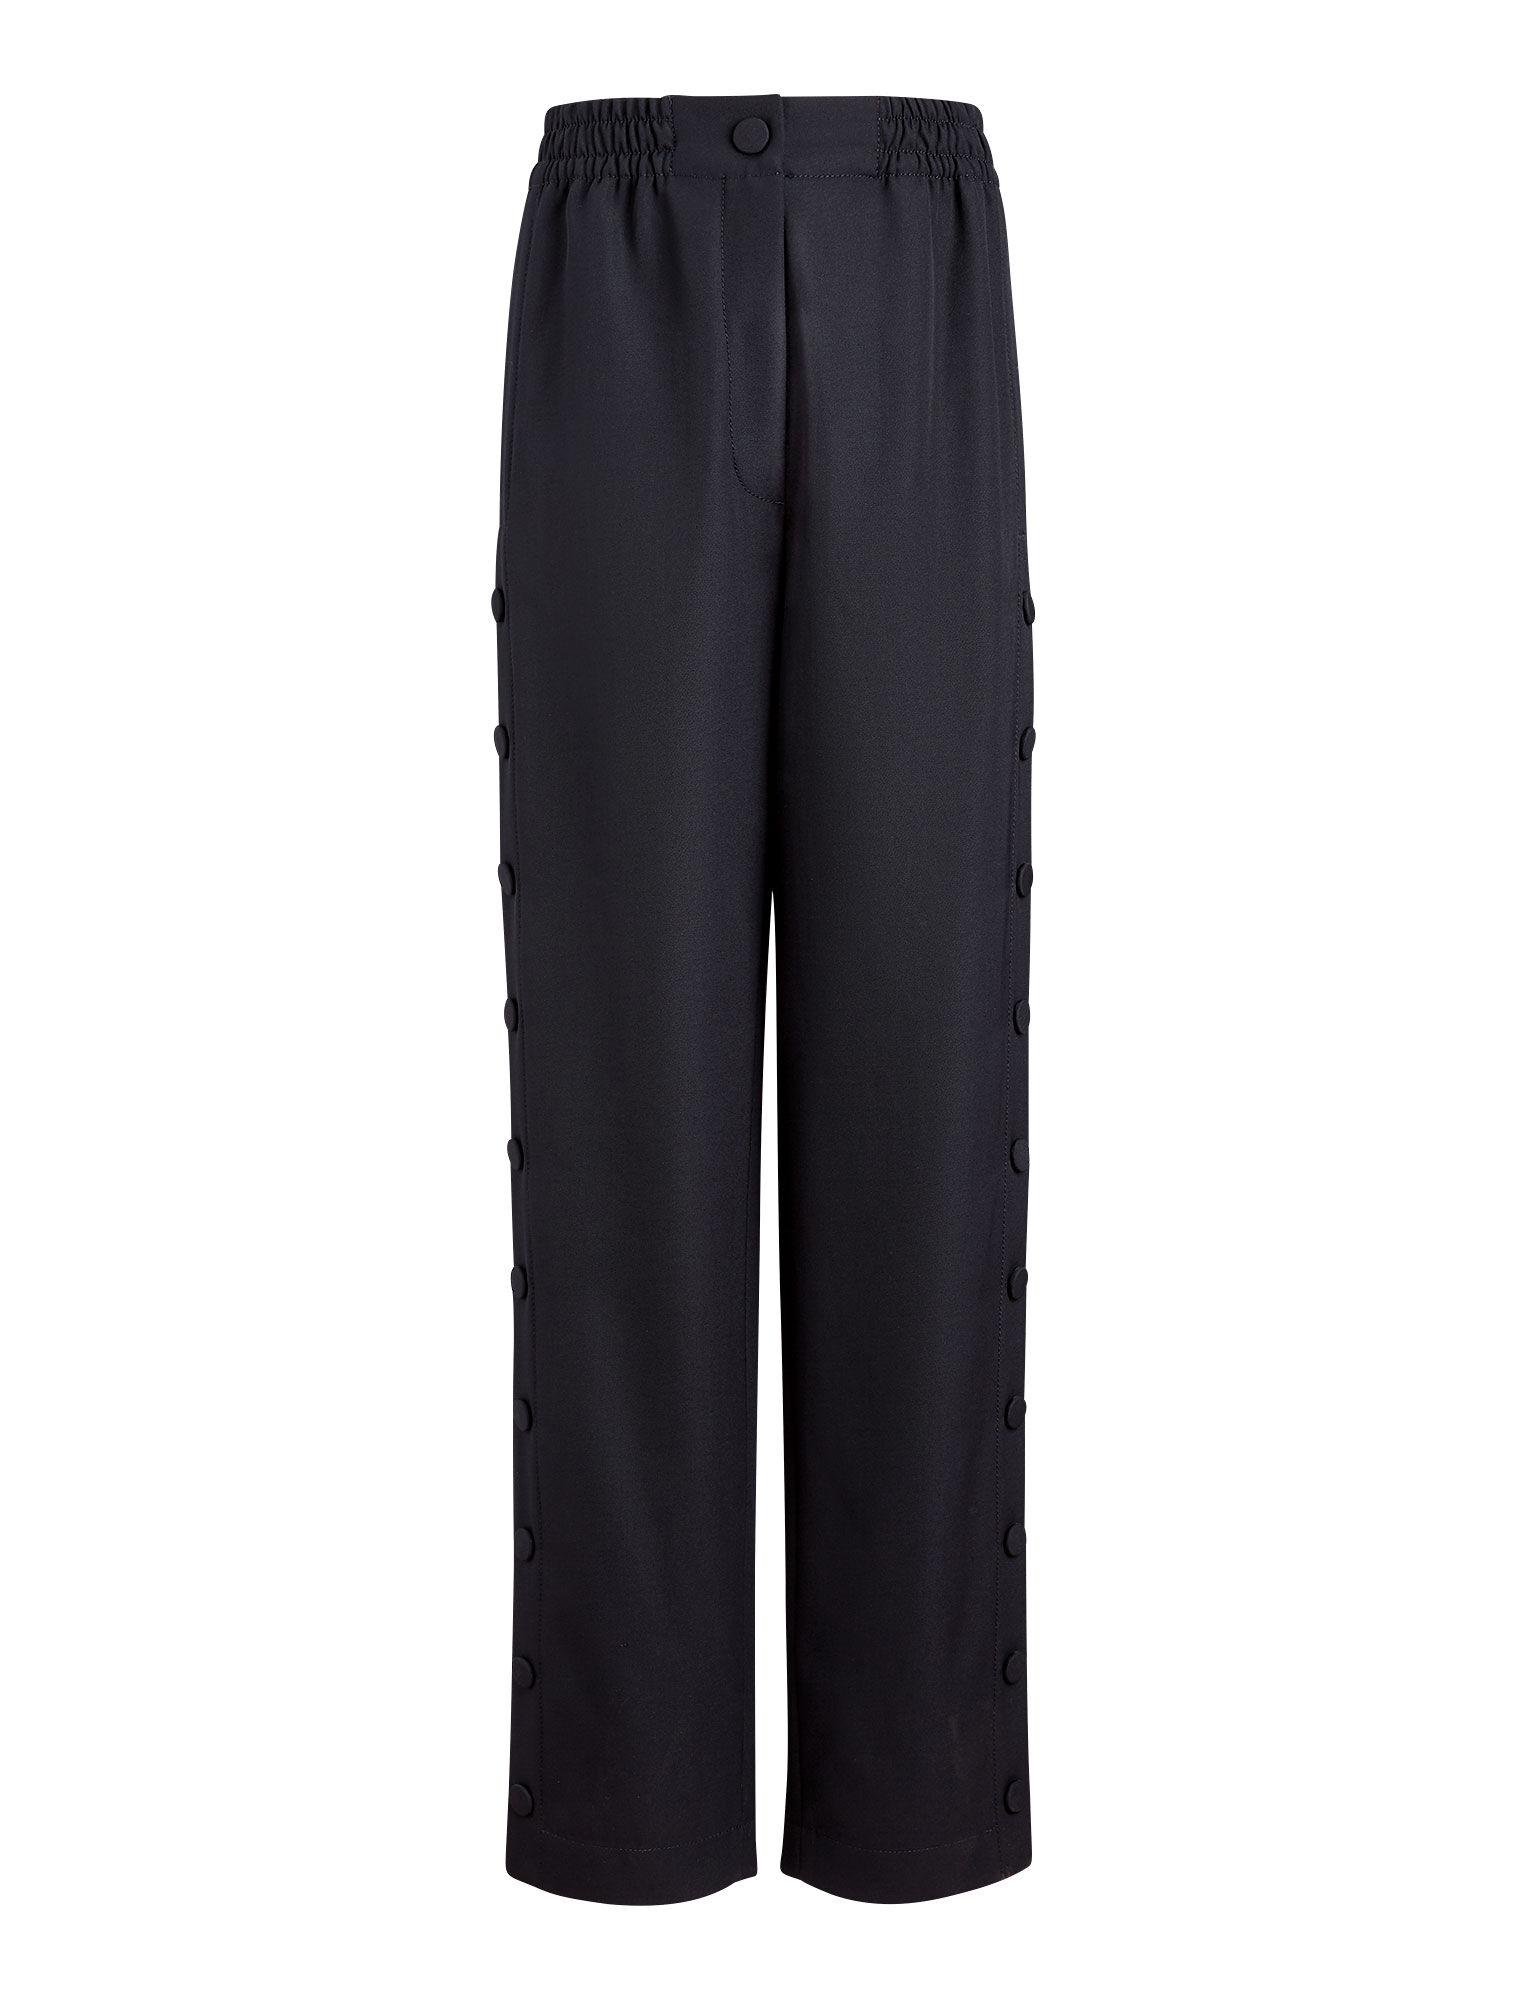 Joseph, Odon Fluid Wool Trousers, in NAVY